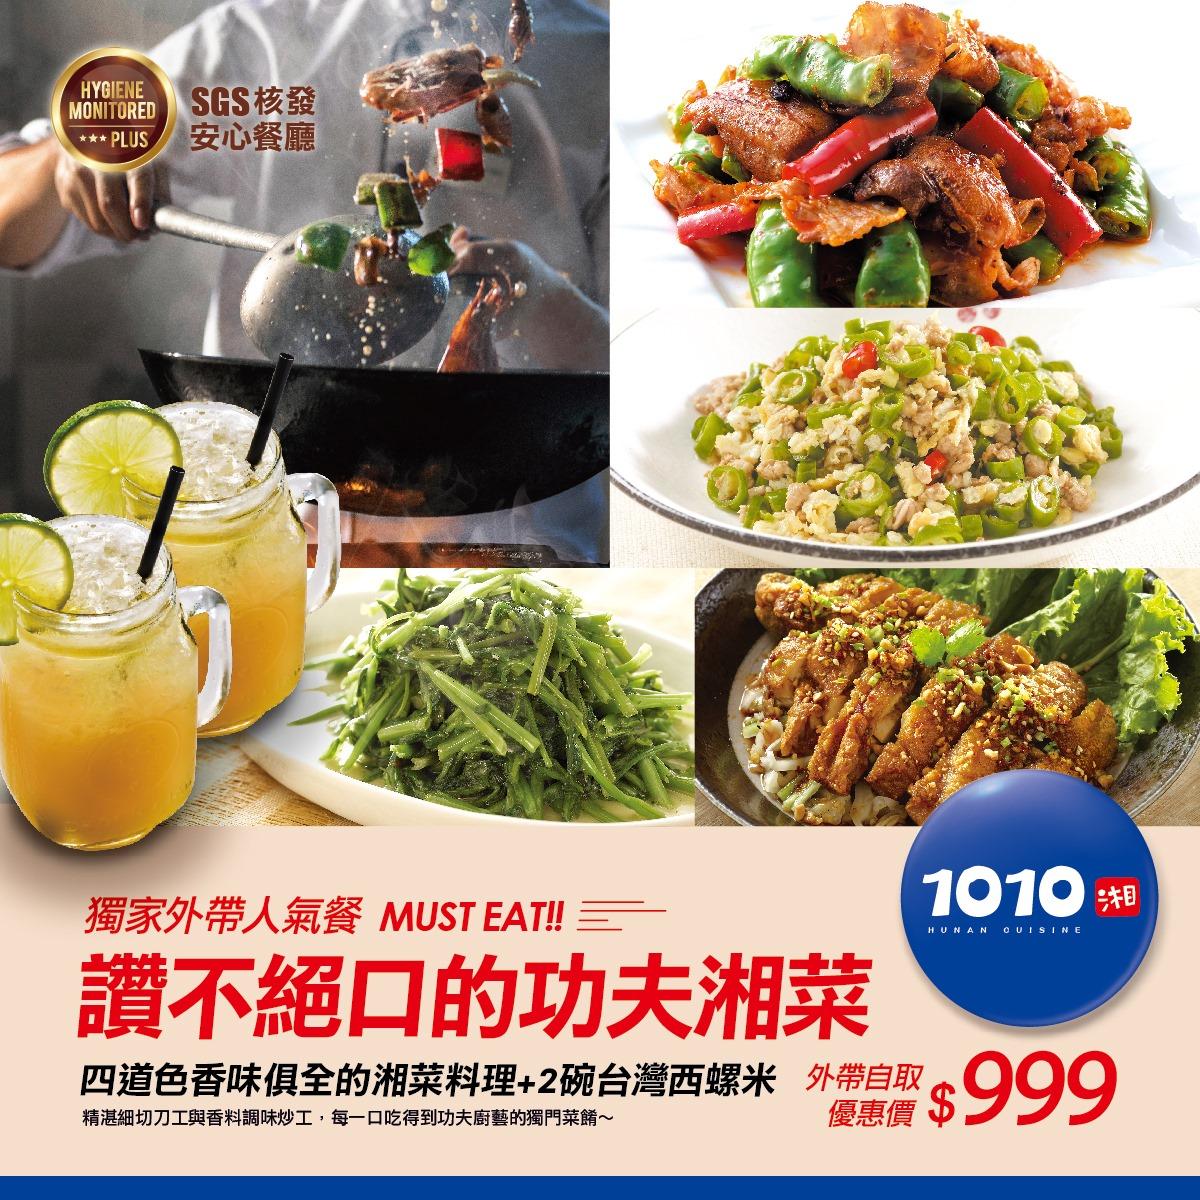 1010湘菜單外送外帶方式-獨家外帶人氣餐